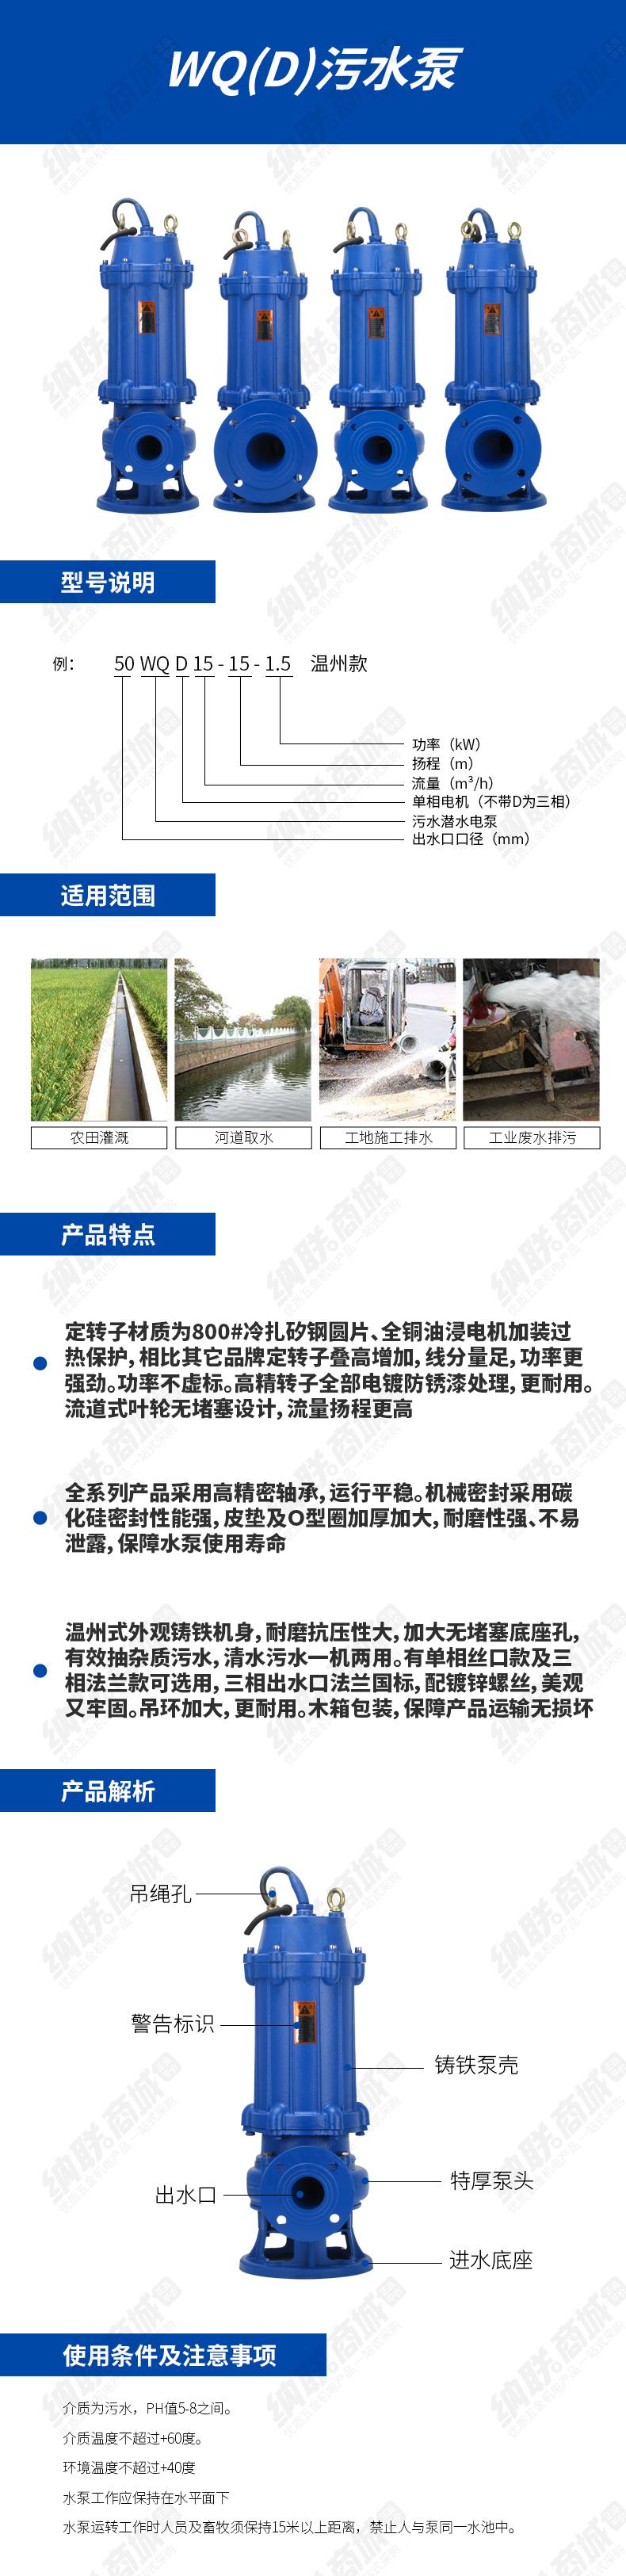 益民WQD污水泵温州款.jpg